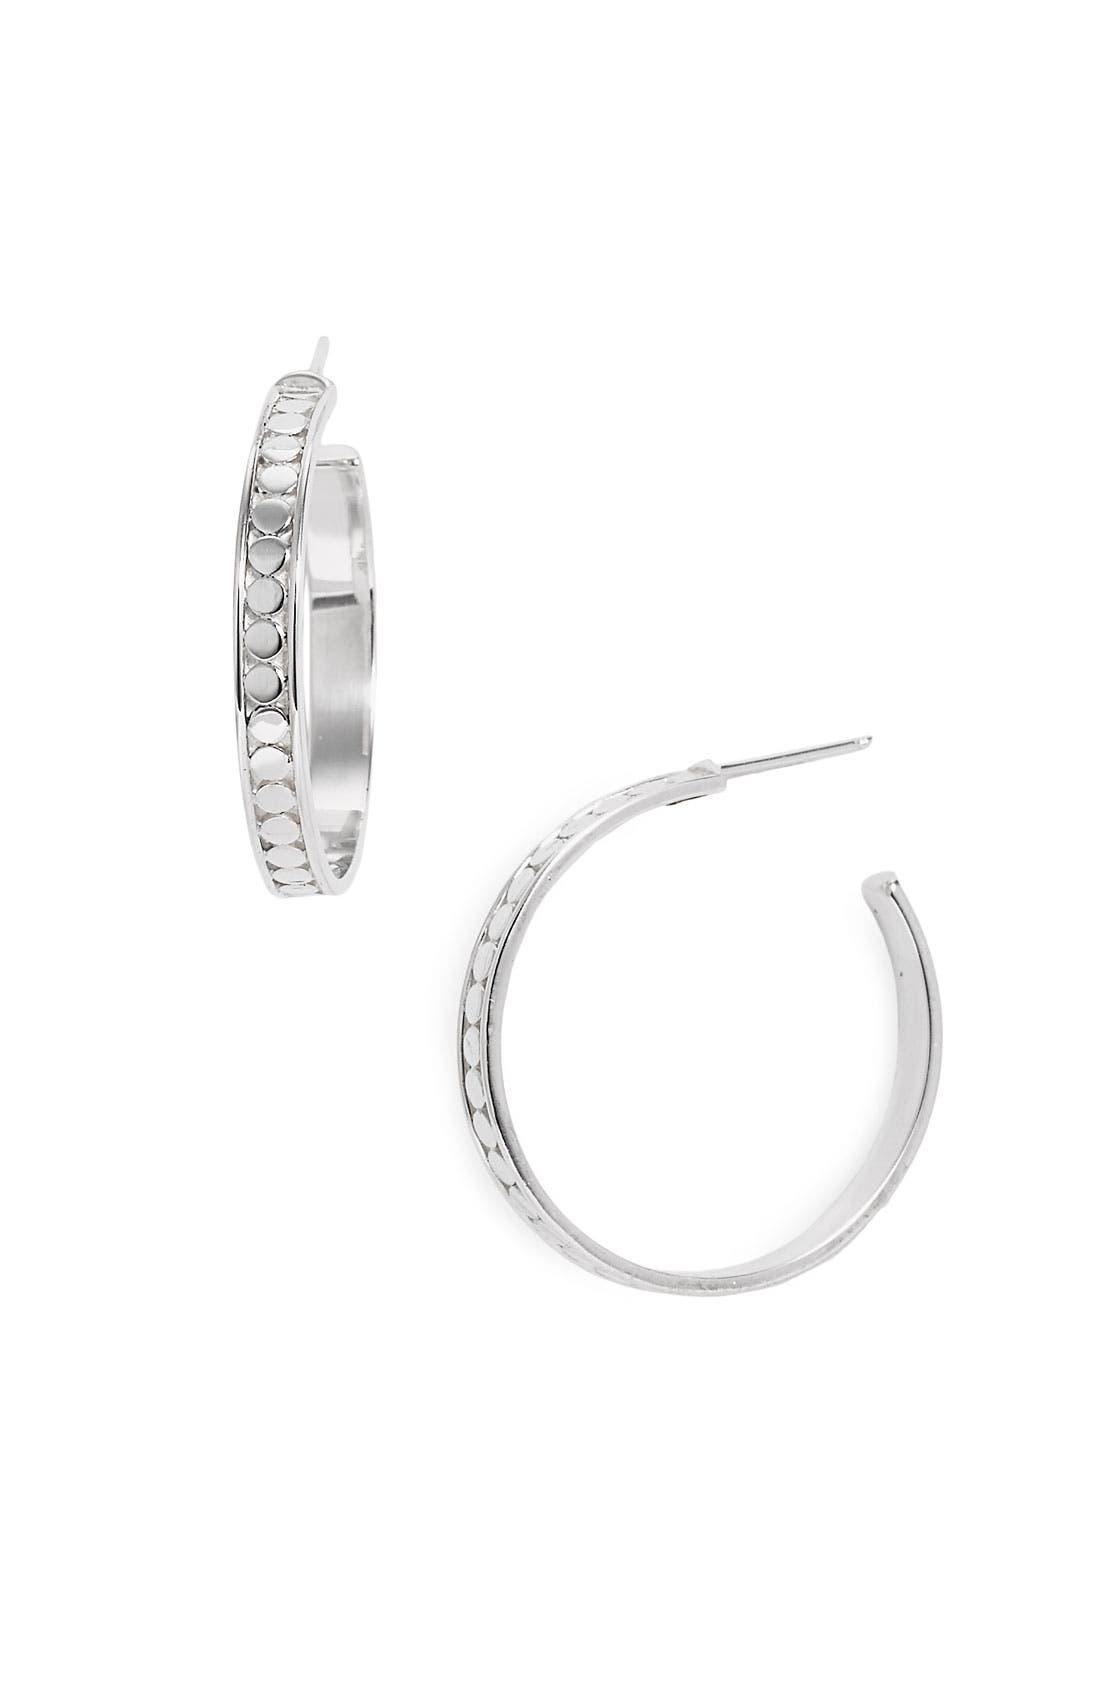 Alternate Image 1 Selected - Anna Beck 'Bali' Hoop Earrings